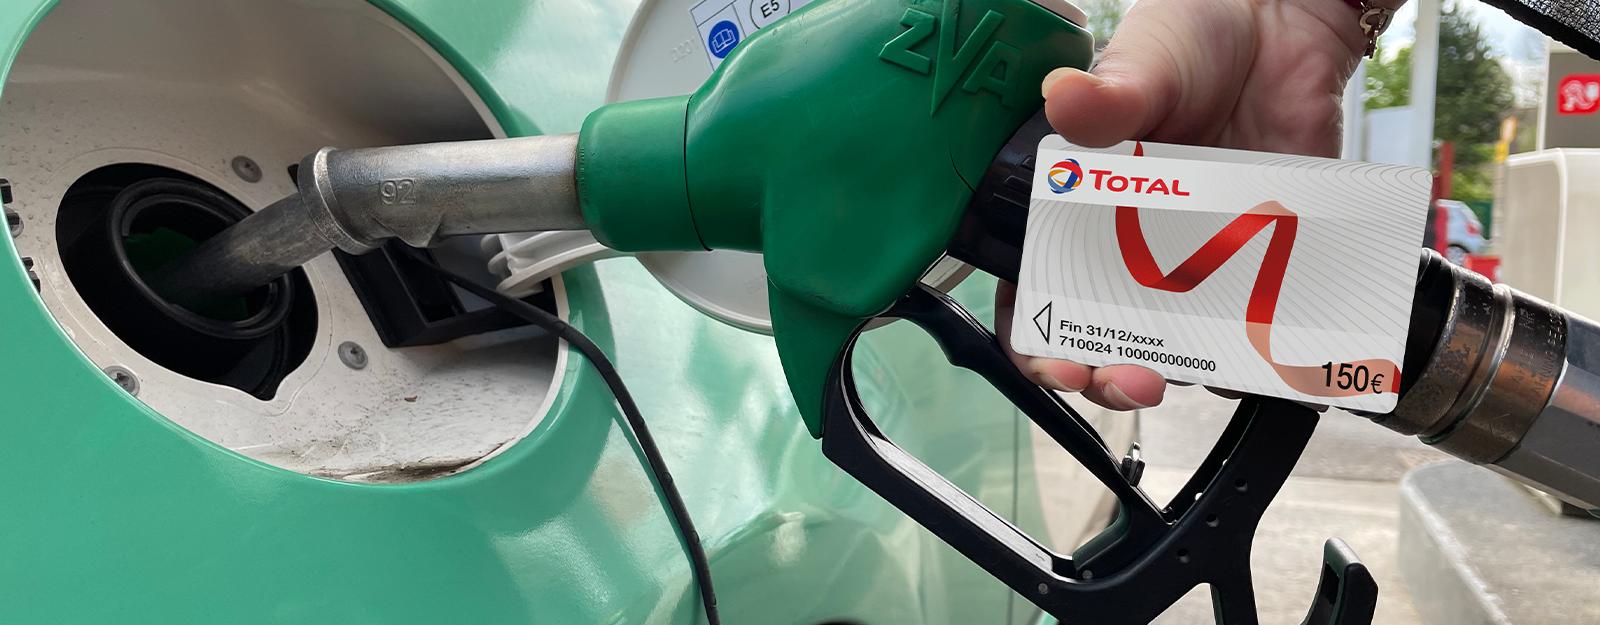 Carte carburant Total de 150€ offerte pour tout remplacement de pare-brise !